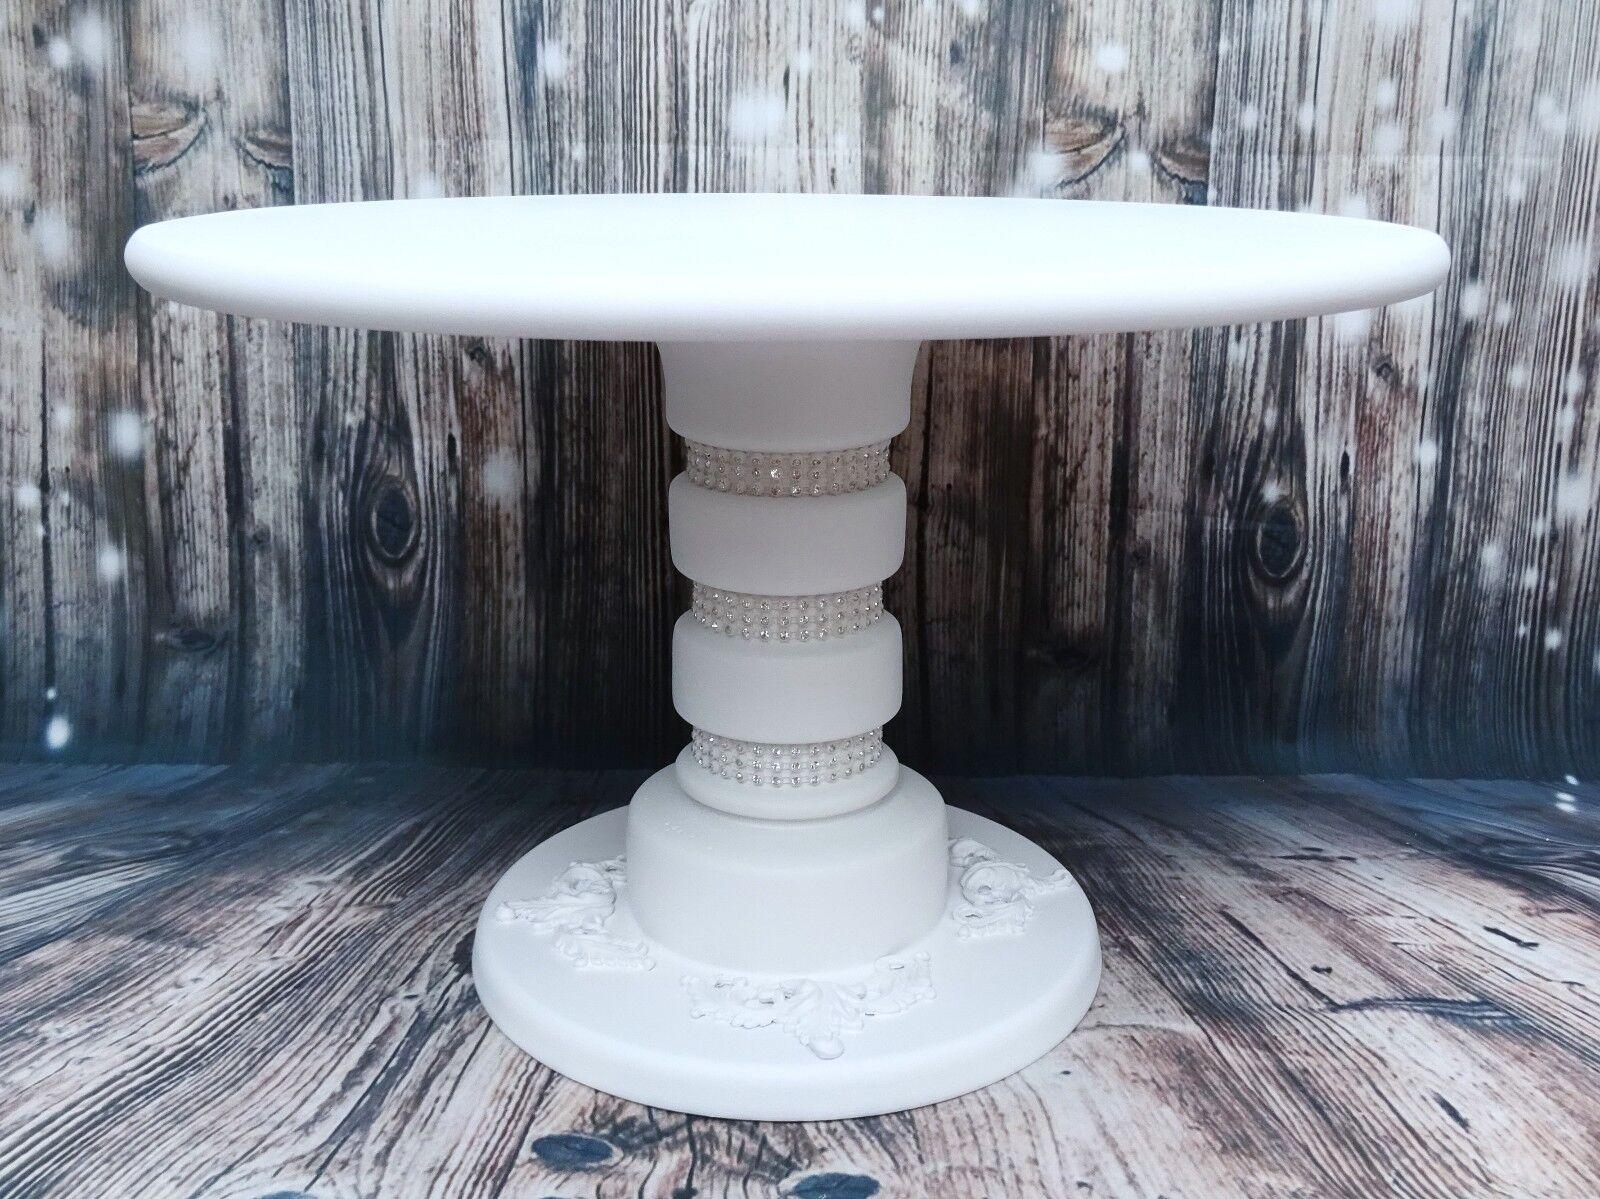 15 IN IN 15 (environ 38.10 cm) cristal blanc peint fait main en bois piédestal gâteau de mariage Support (E) fe478d